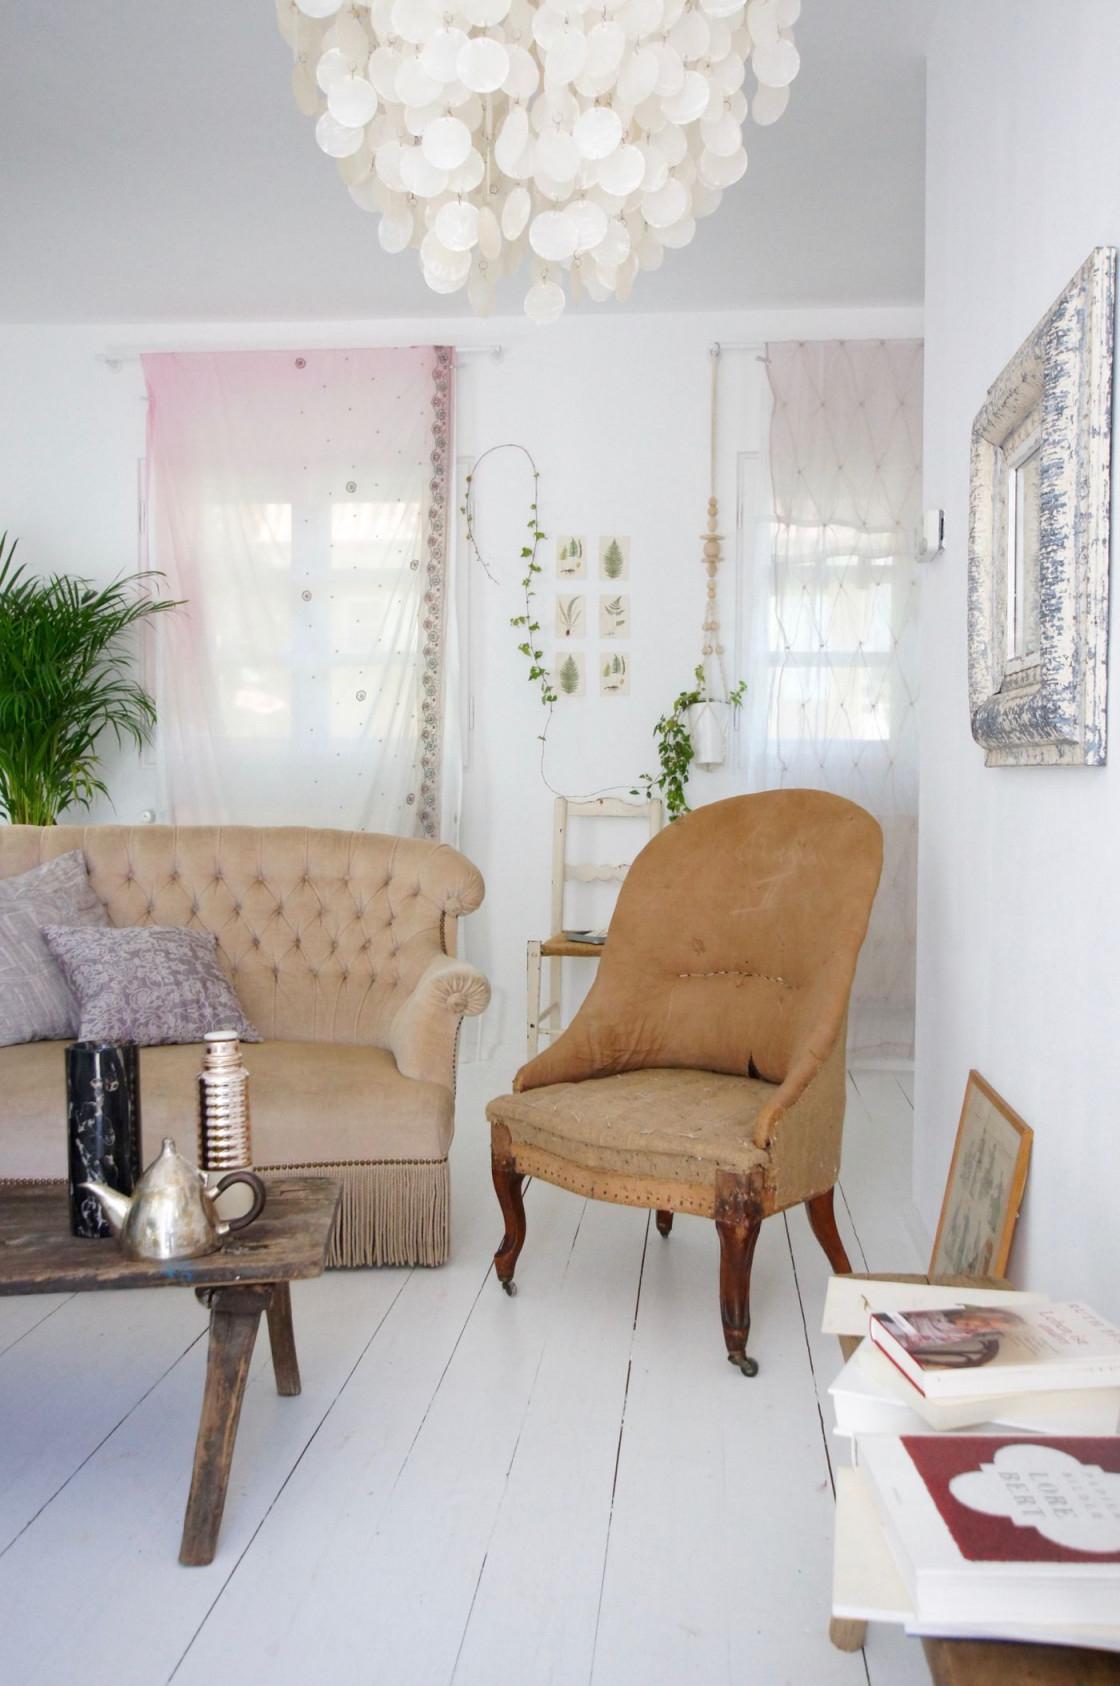 Shabby Chic Wohnzimmer Einrichten Und Dekorieren von Shabby Chic Wohnzimmer Ideen Bild